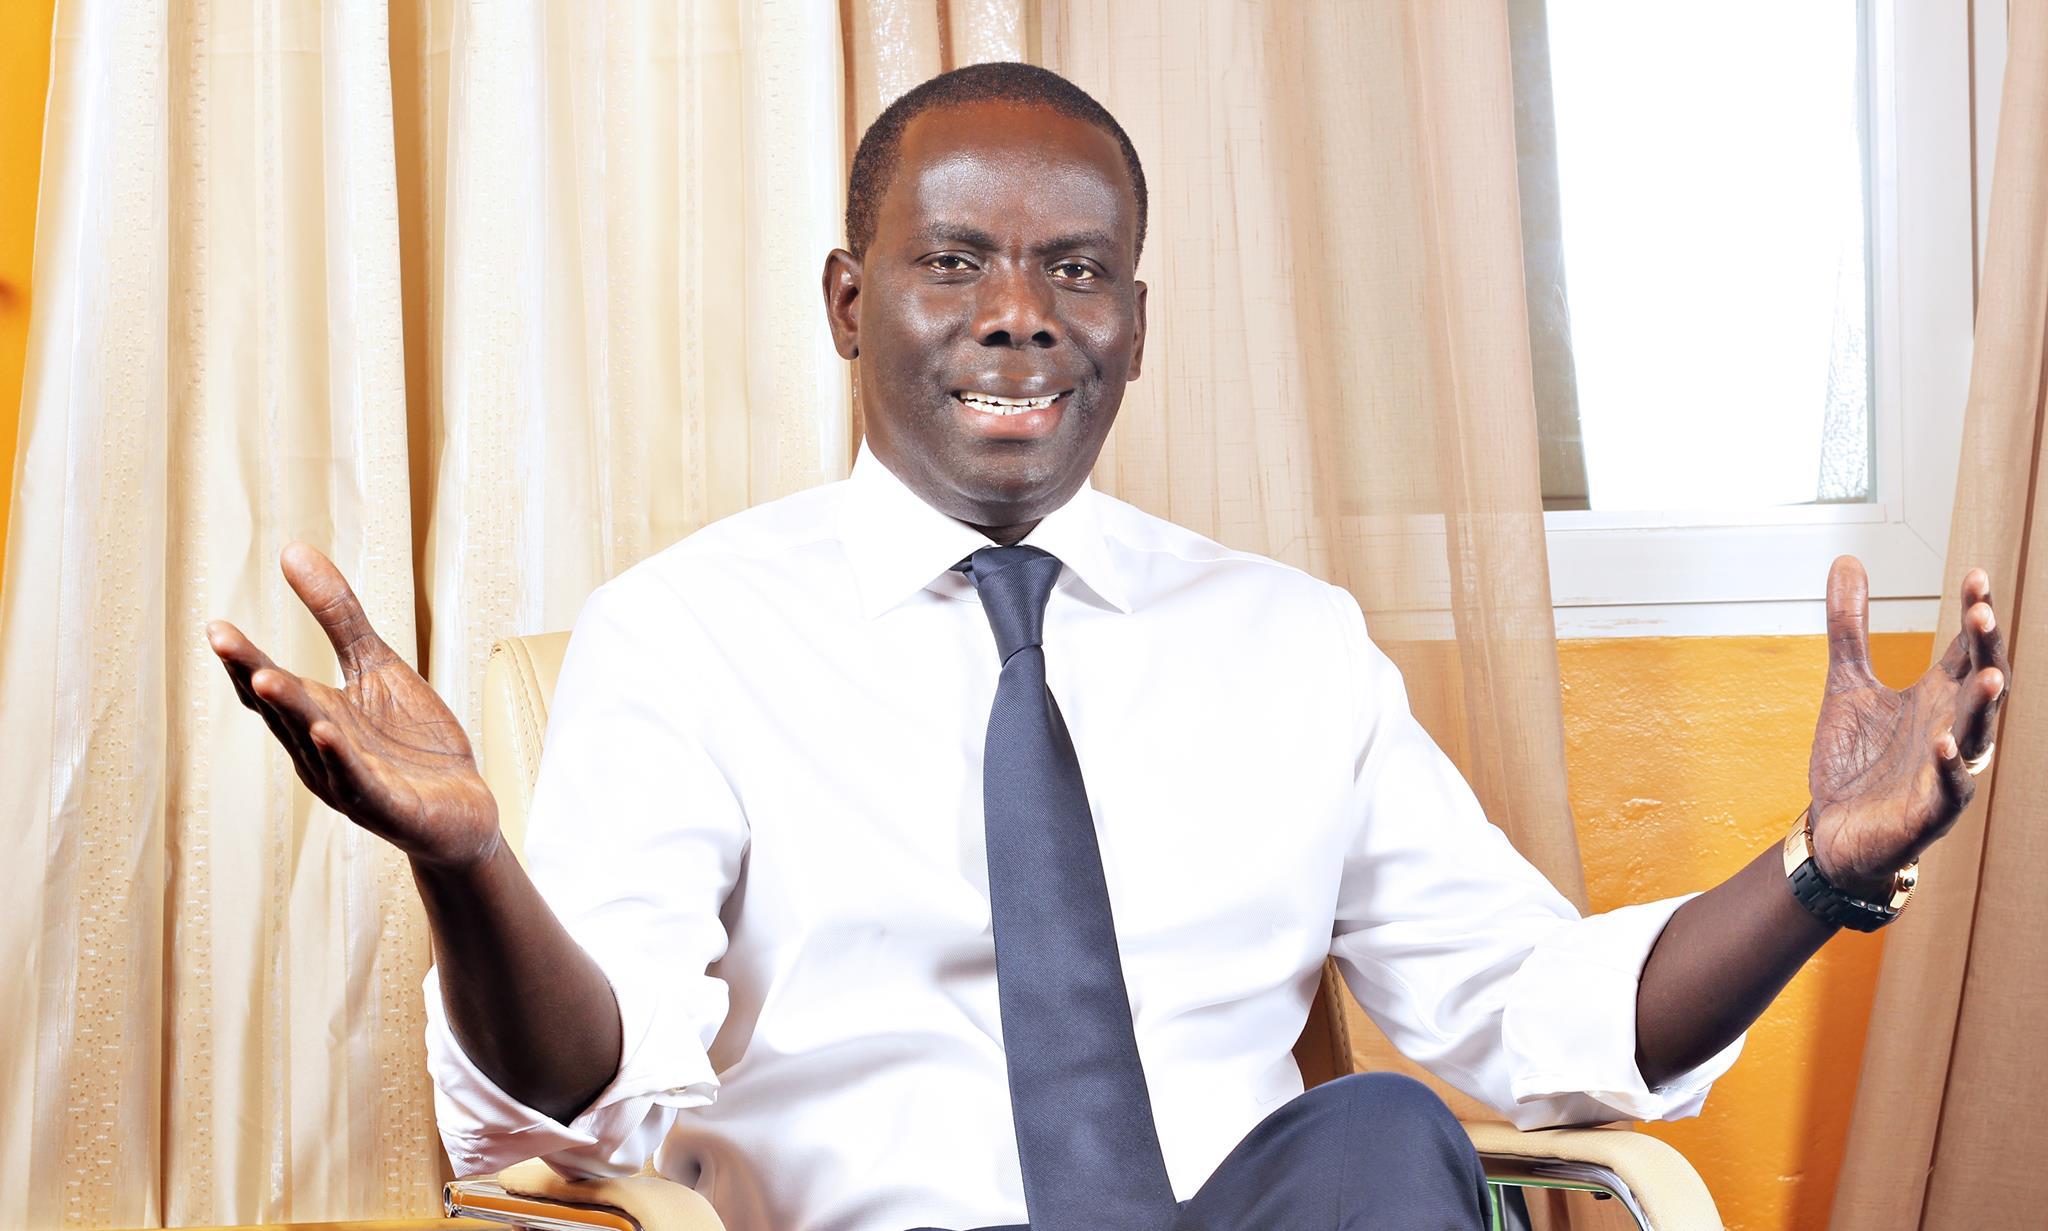 Situation économique du Sénégal : Malick Gackou demande aux représentants du Fmi d'arrêter de faire croire à de faux espoirs